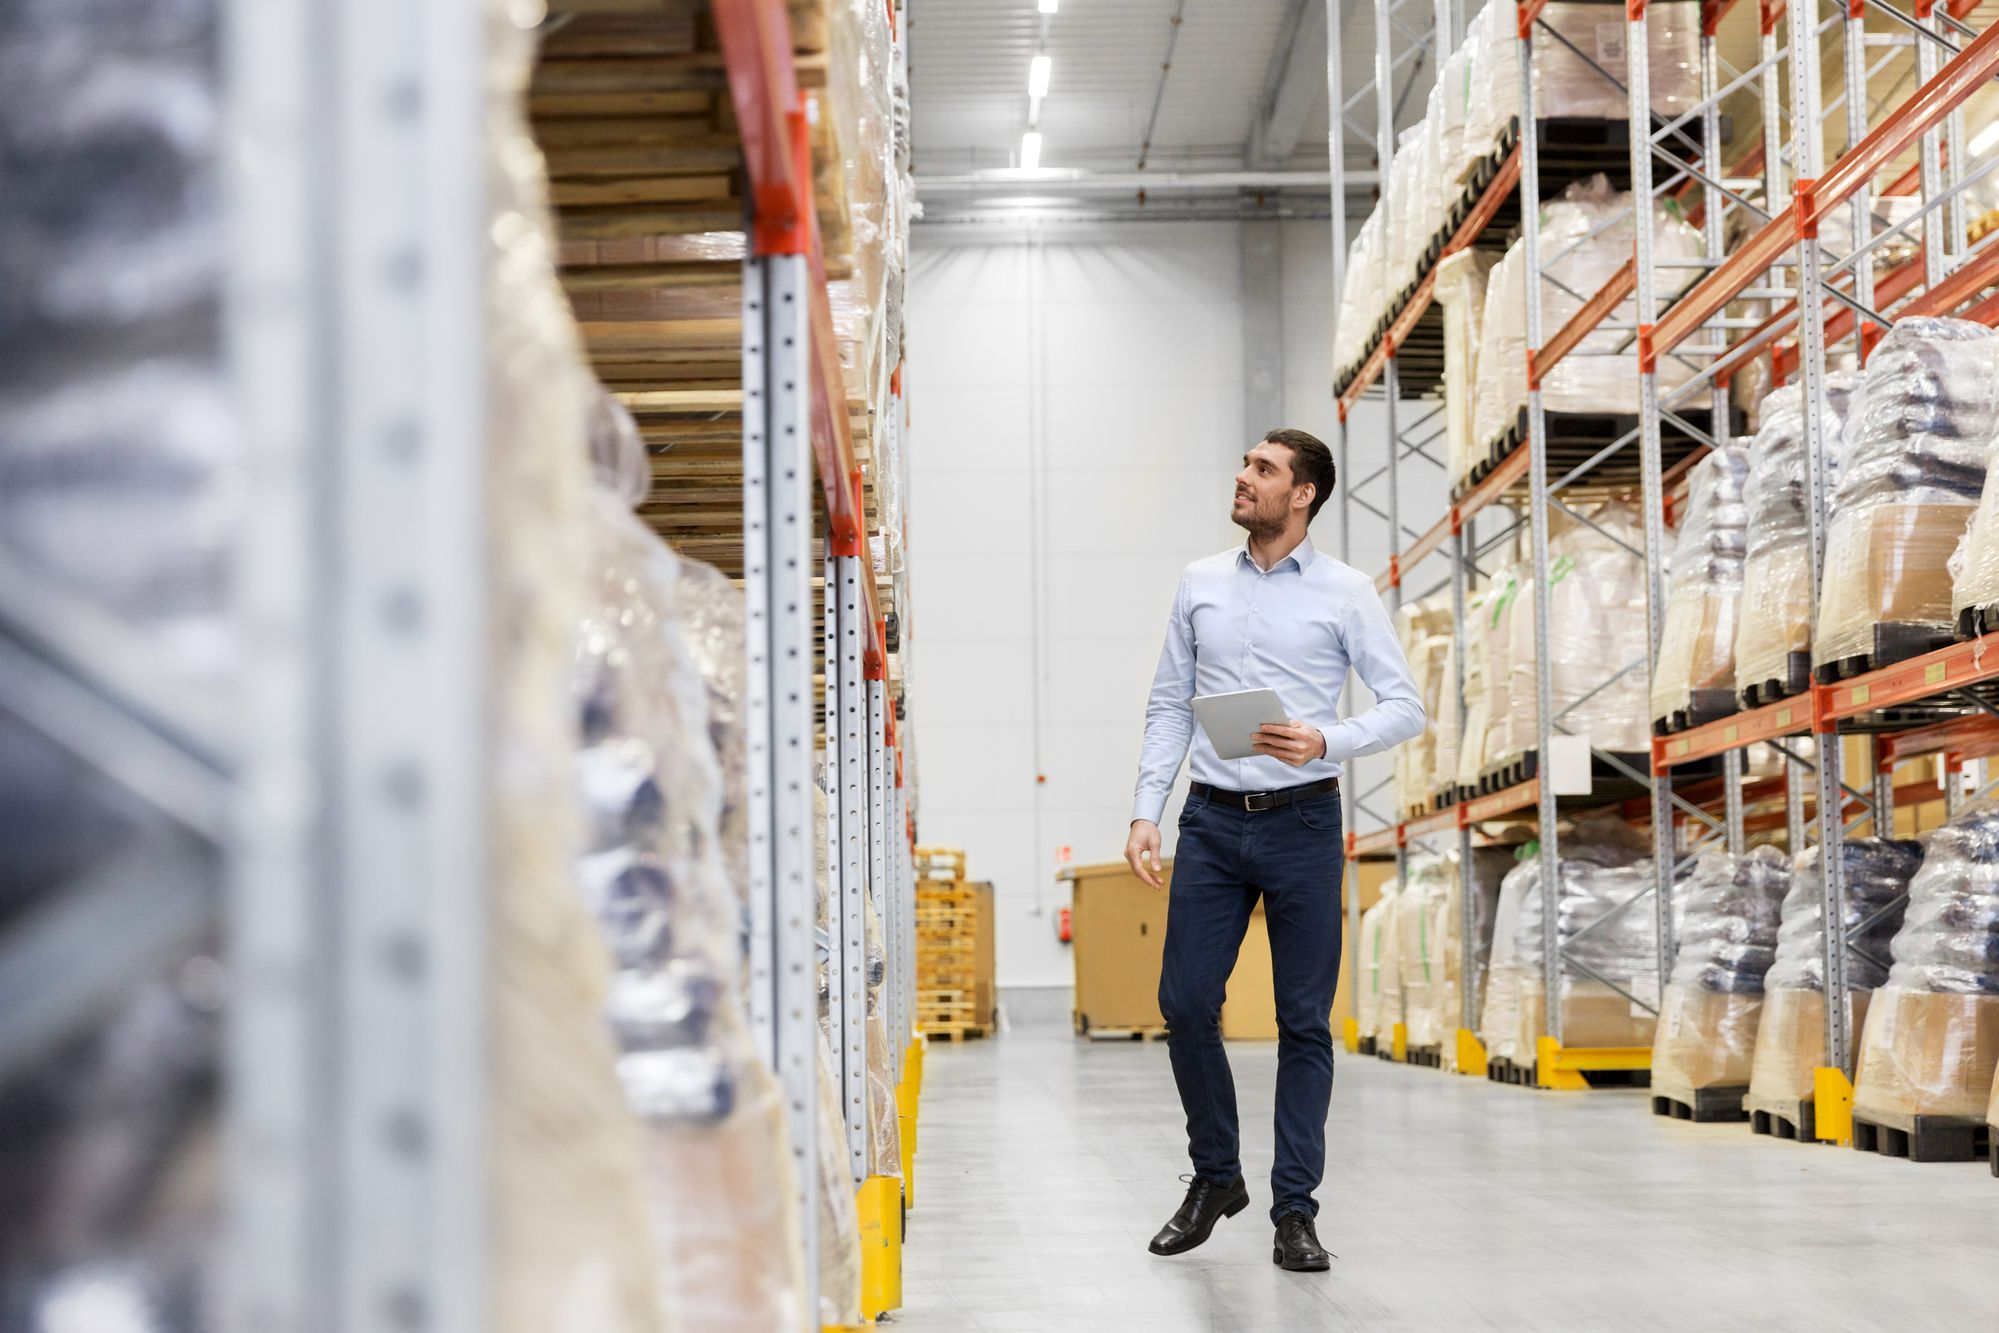 Sistemas de armazenagem FIFO e LIFO: como funcionam?